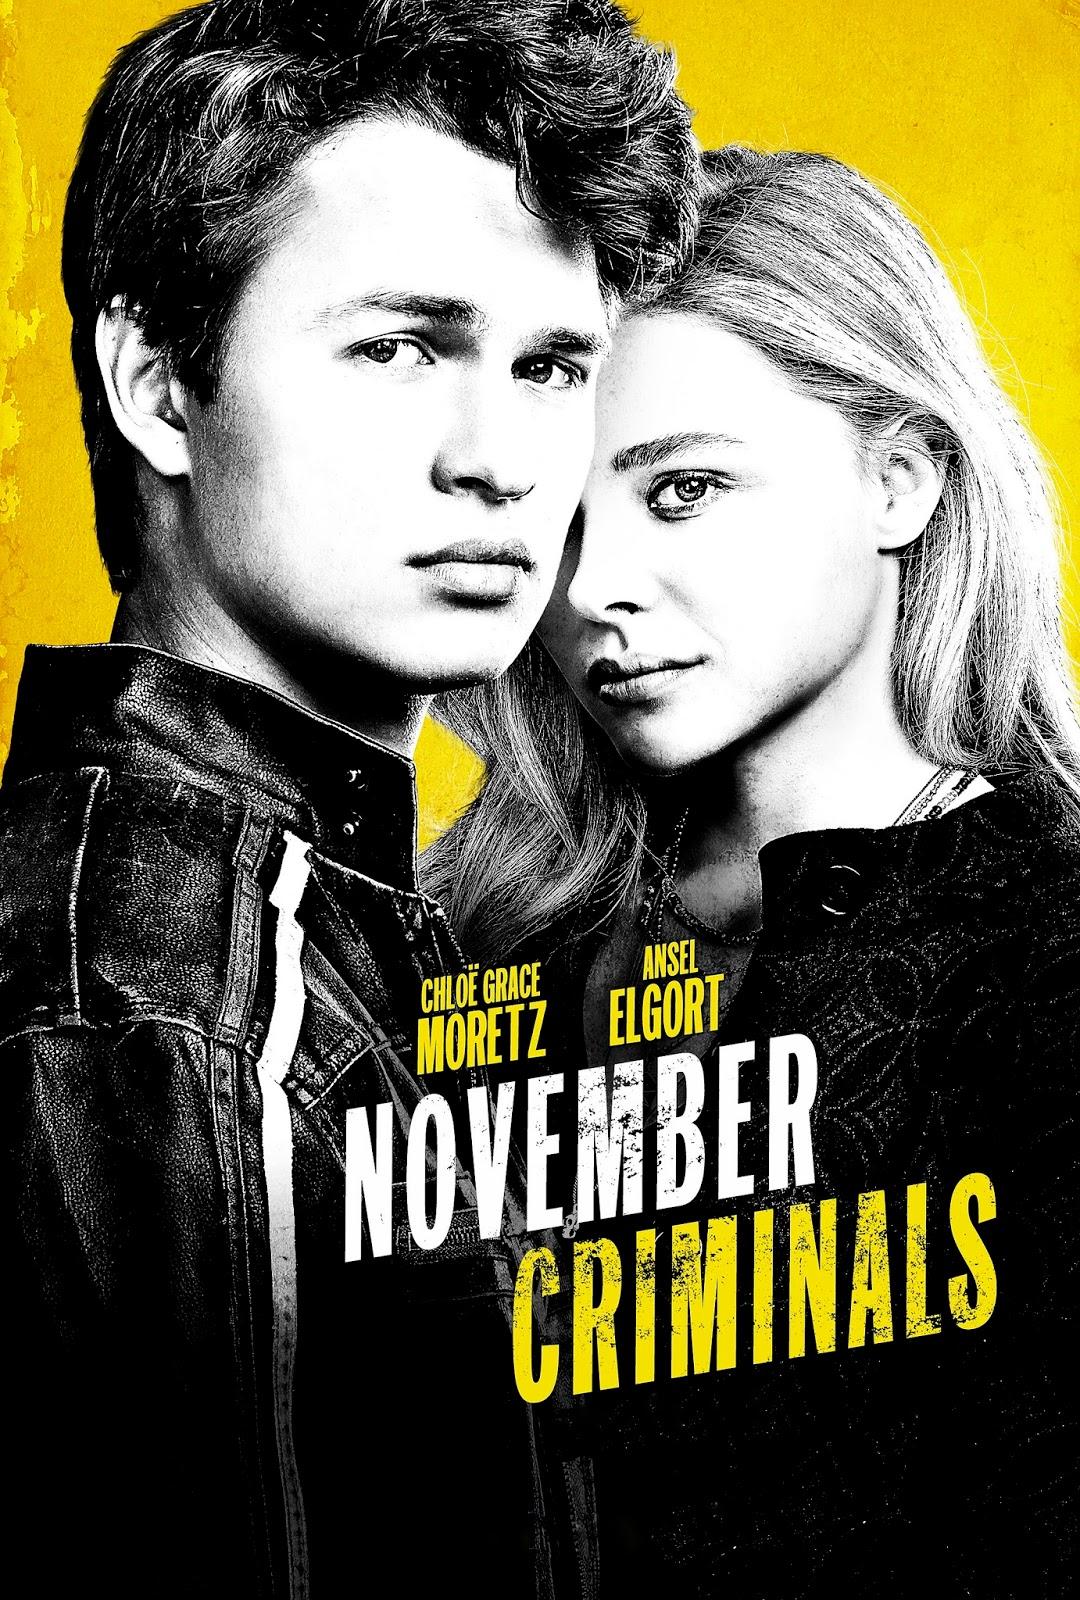 November Criminals [2017] [DVDR] [NTSC] [CUSTOM HD] [Subtitulado]